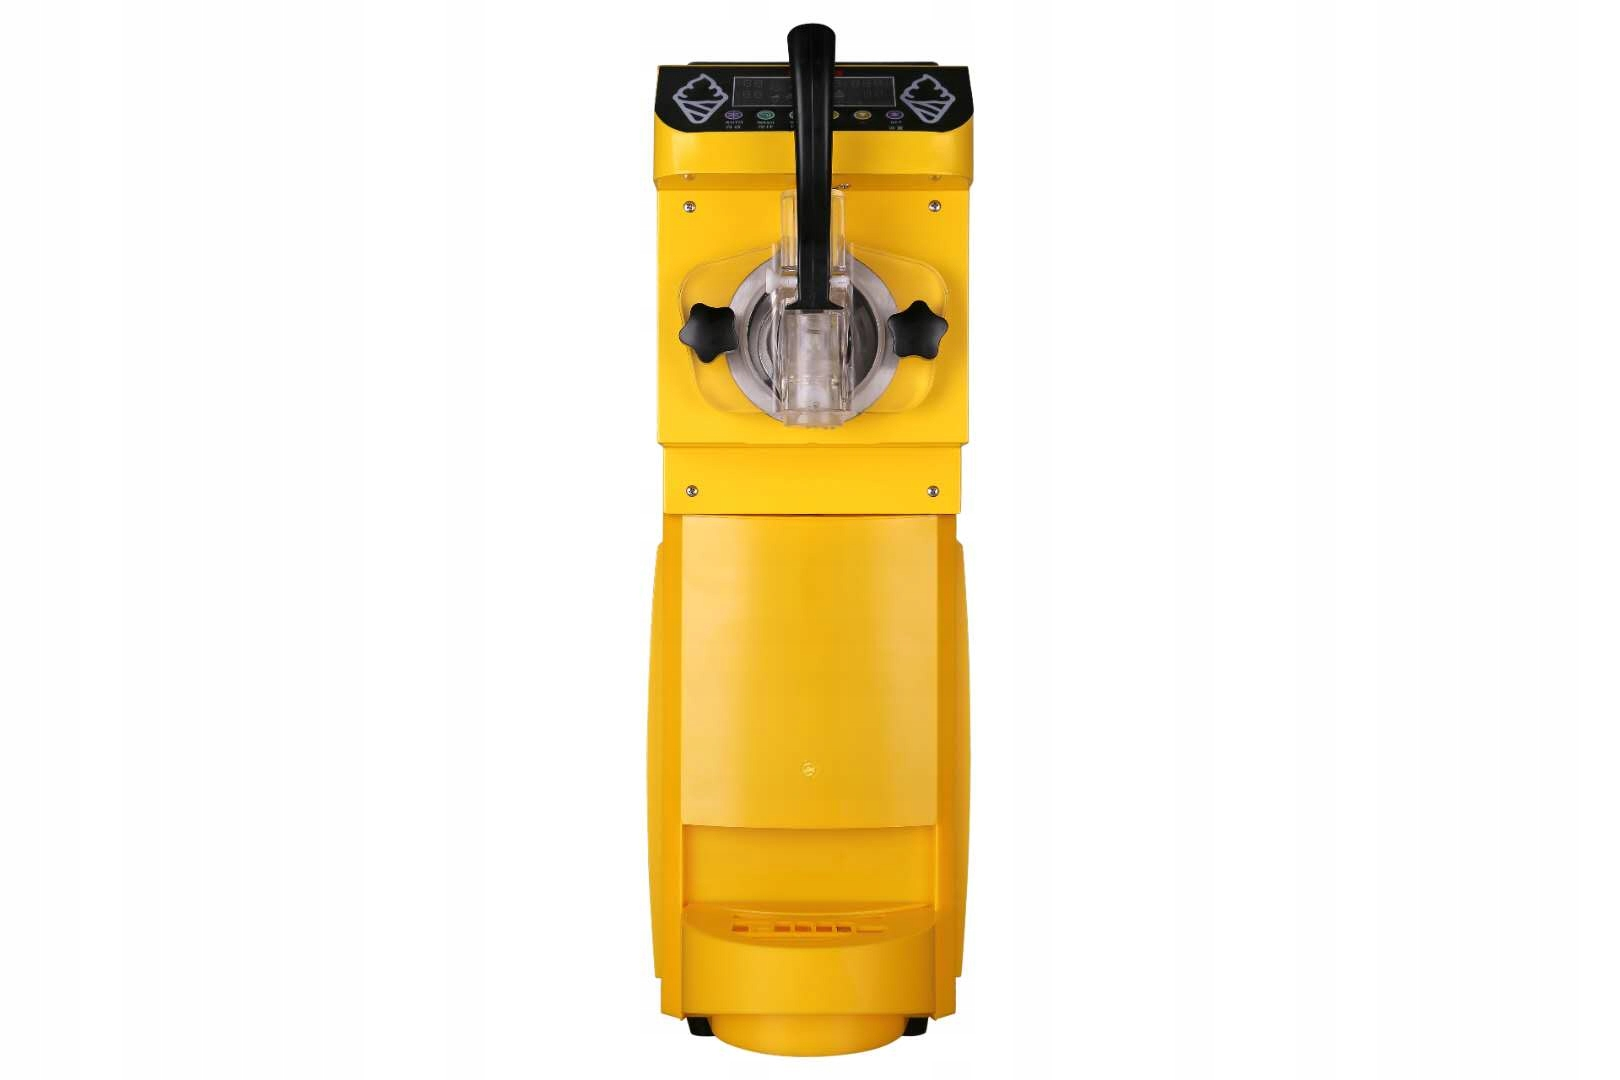 Mini Maszyna Do Lodow Wloskich Mk4800 7766998546 Allegro Pl